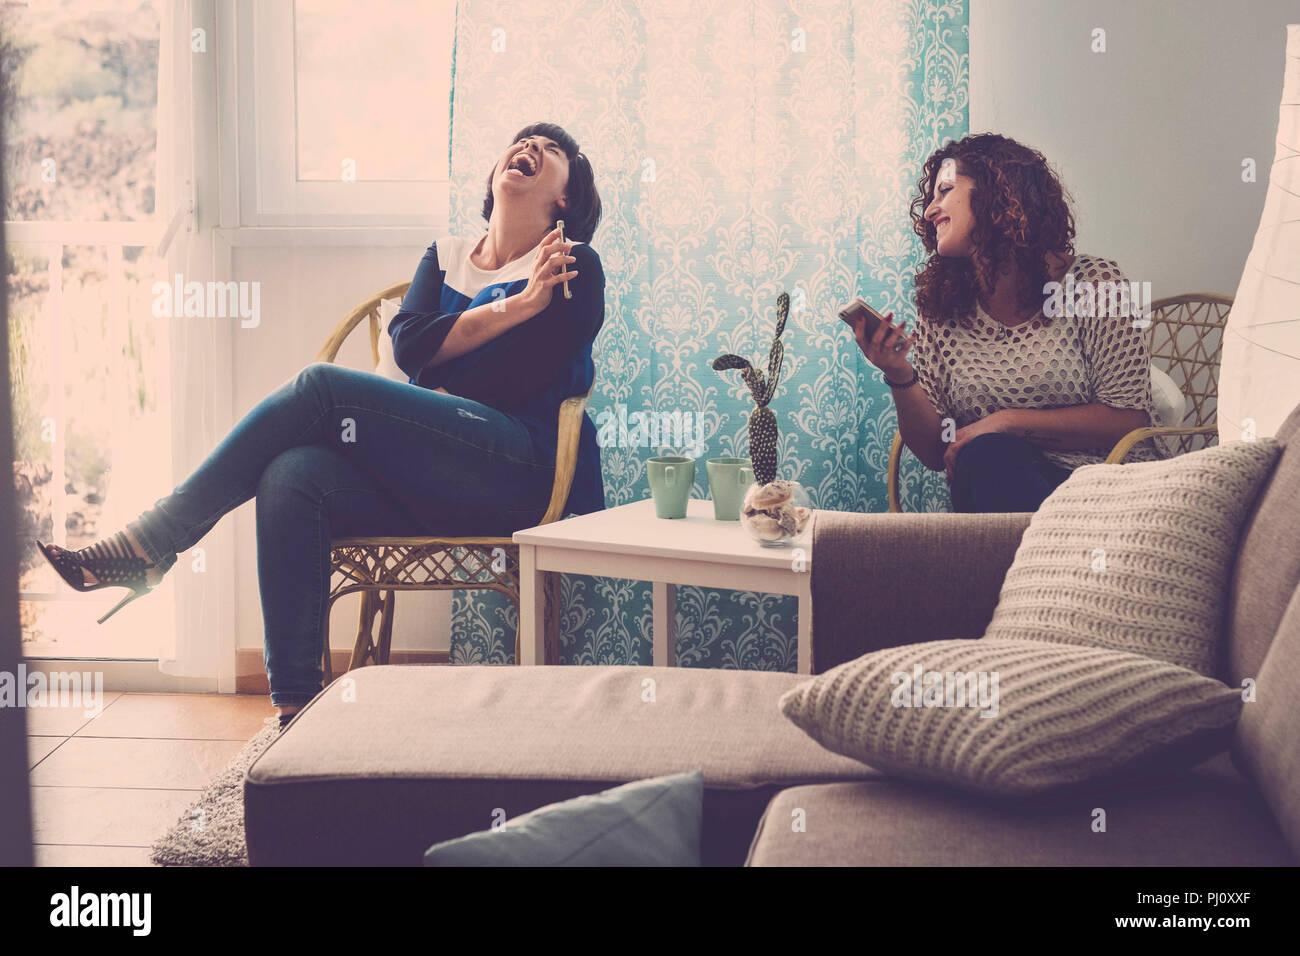 Dos jóvenes mujeres amigas feliz sentarse en casa y reír contando historias y hechos sobre el día. concepto de estilo de vida interior en amistad con damas u Imagen De Stock